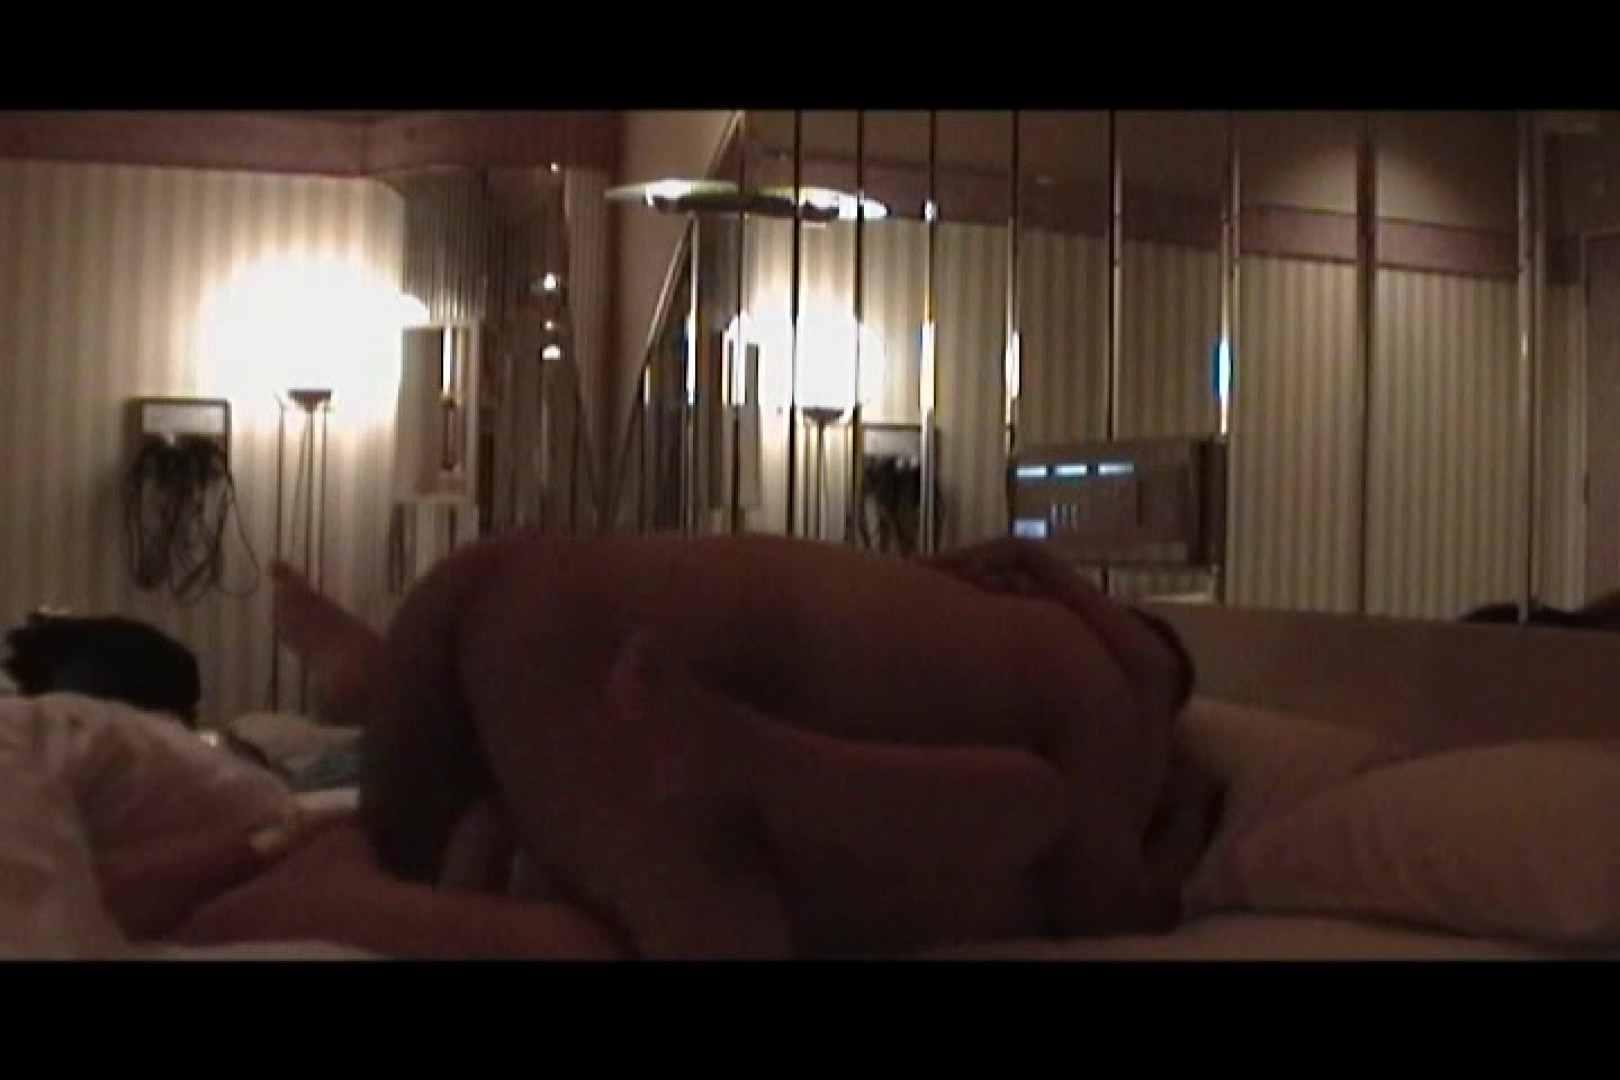 童顔な人妻とハメ撮り 人妻エロ映像  62pic 38